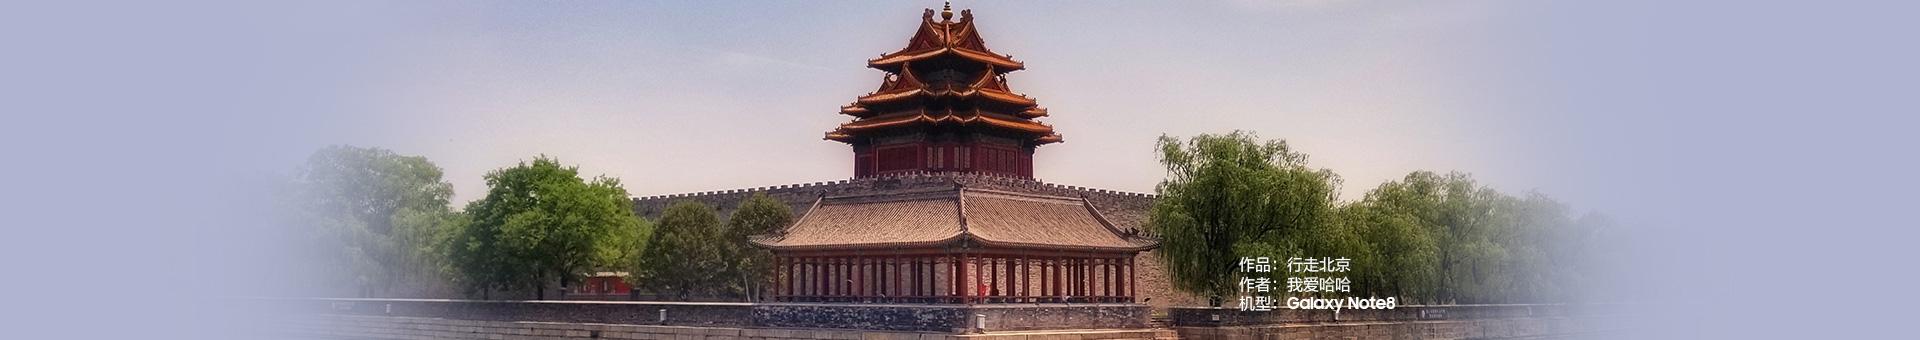 【城市足印】+行走北京